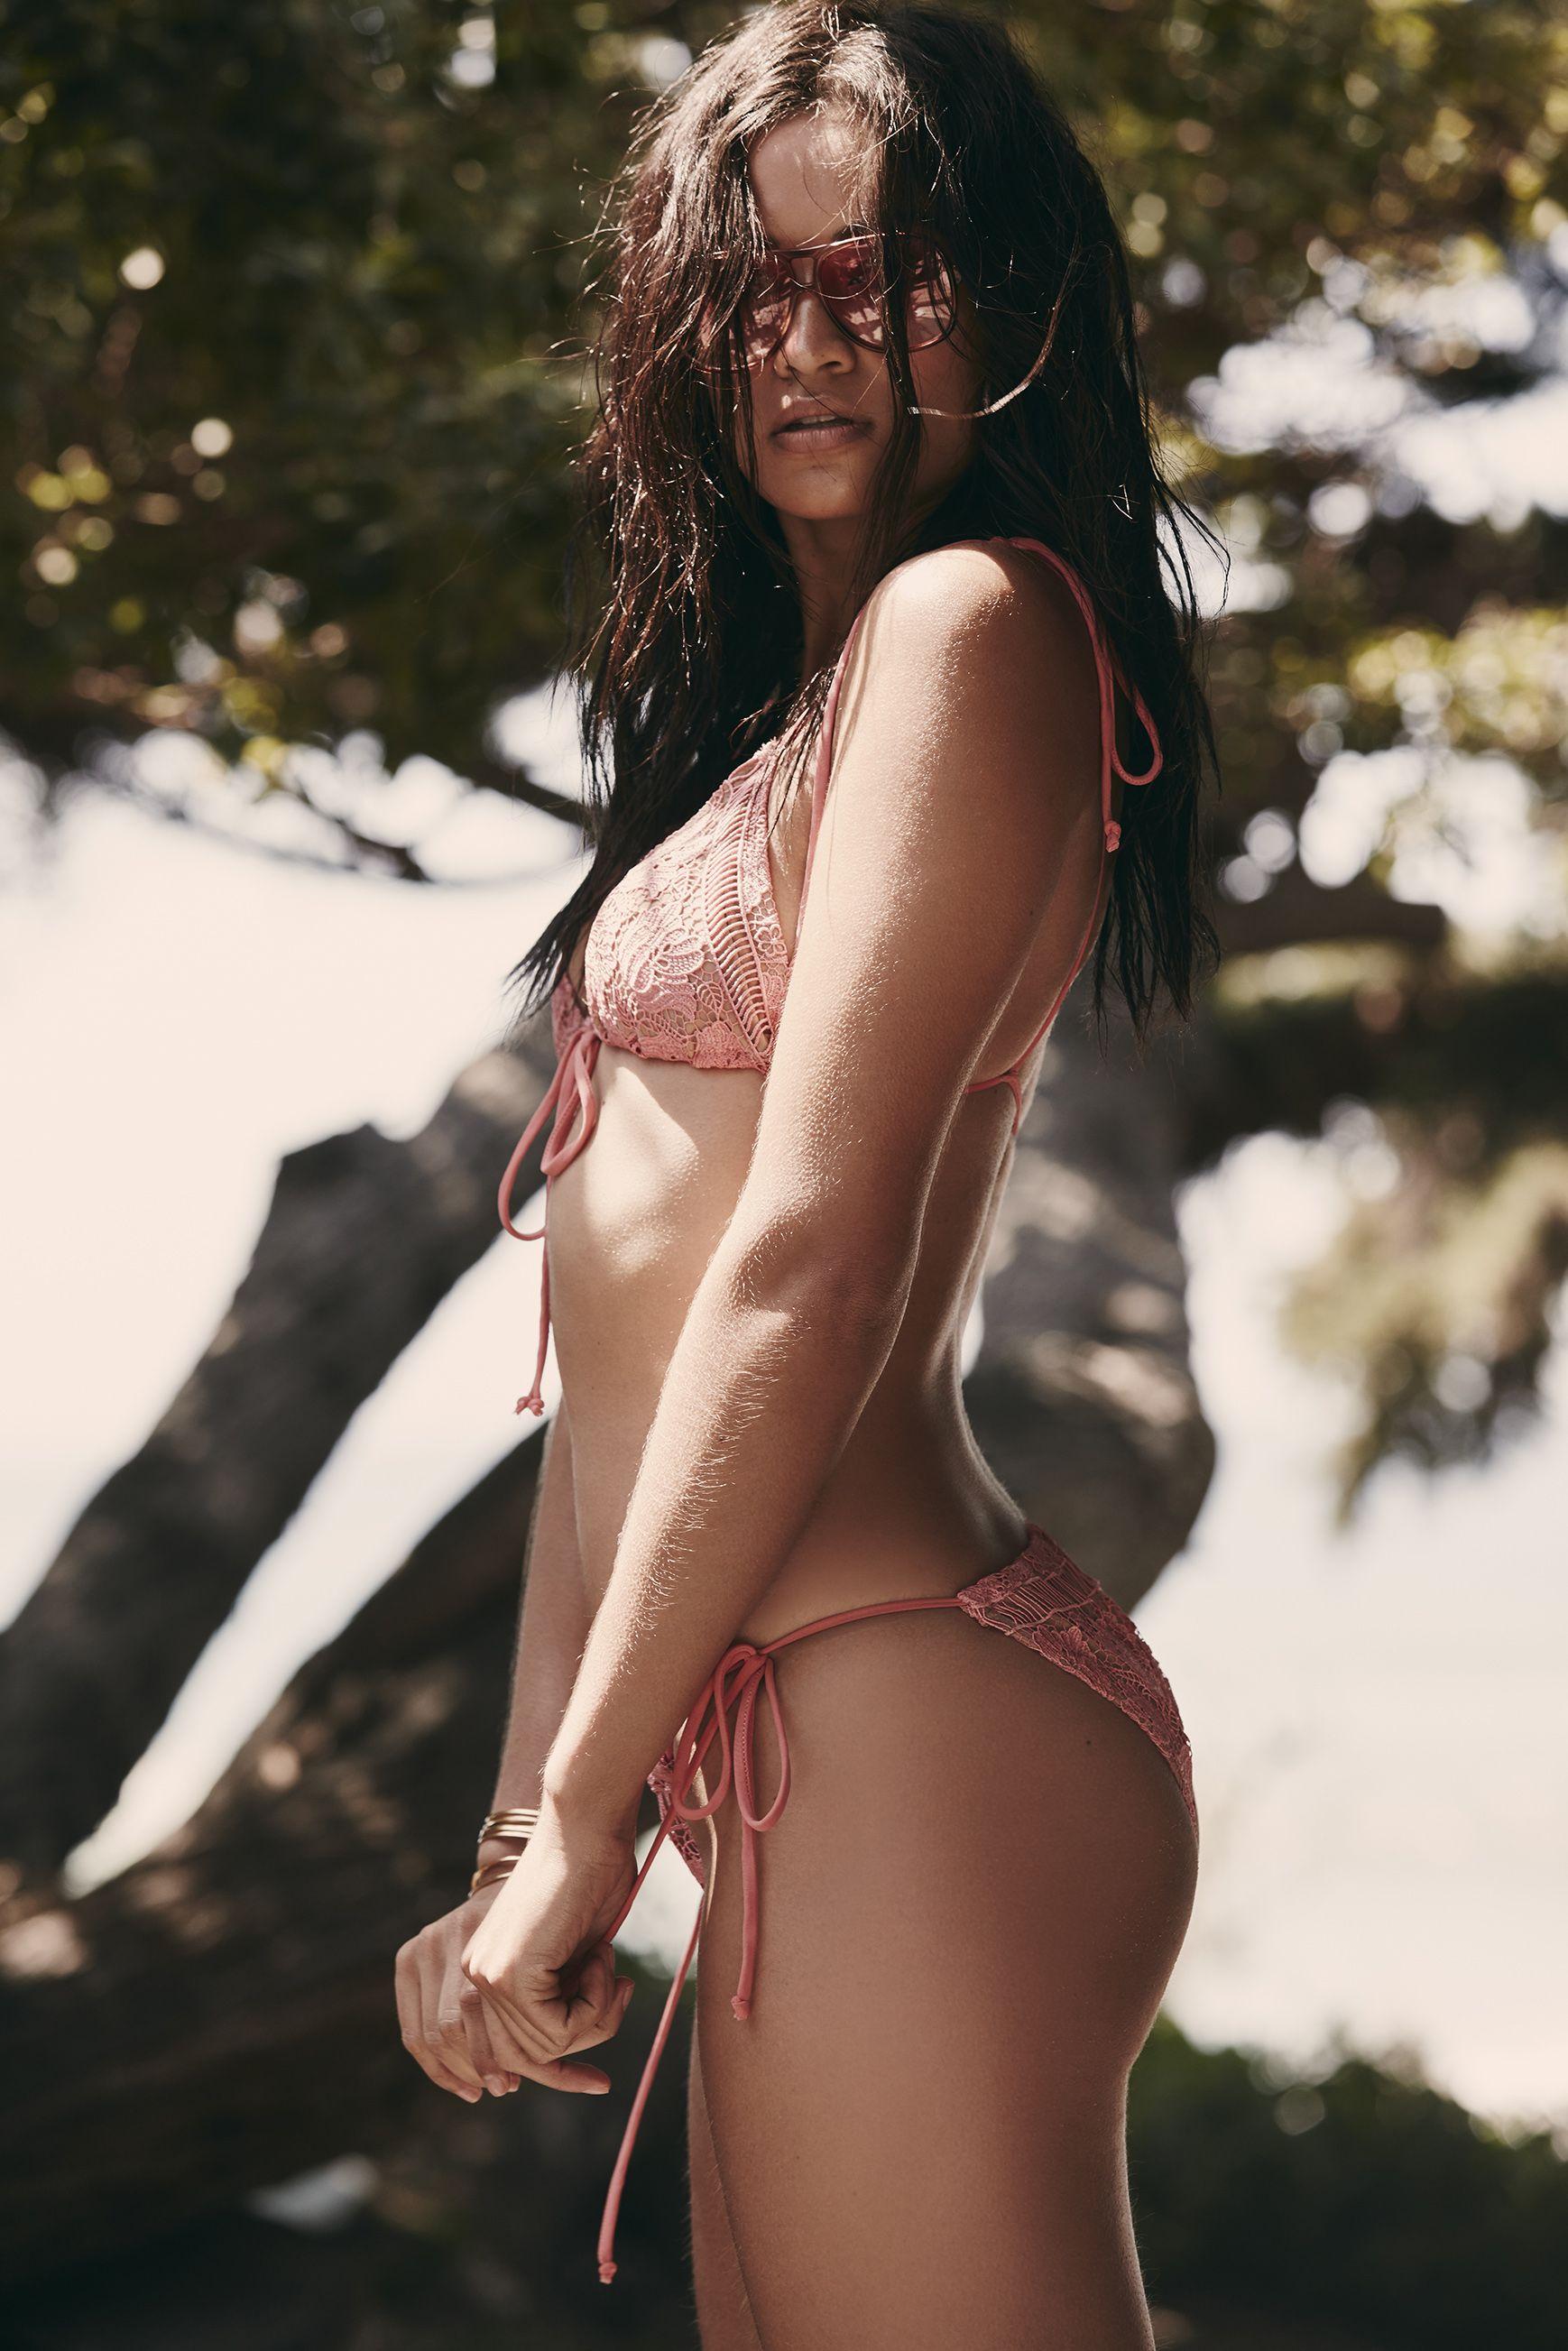 Shanina Shaik Topless Pho...